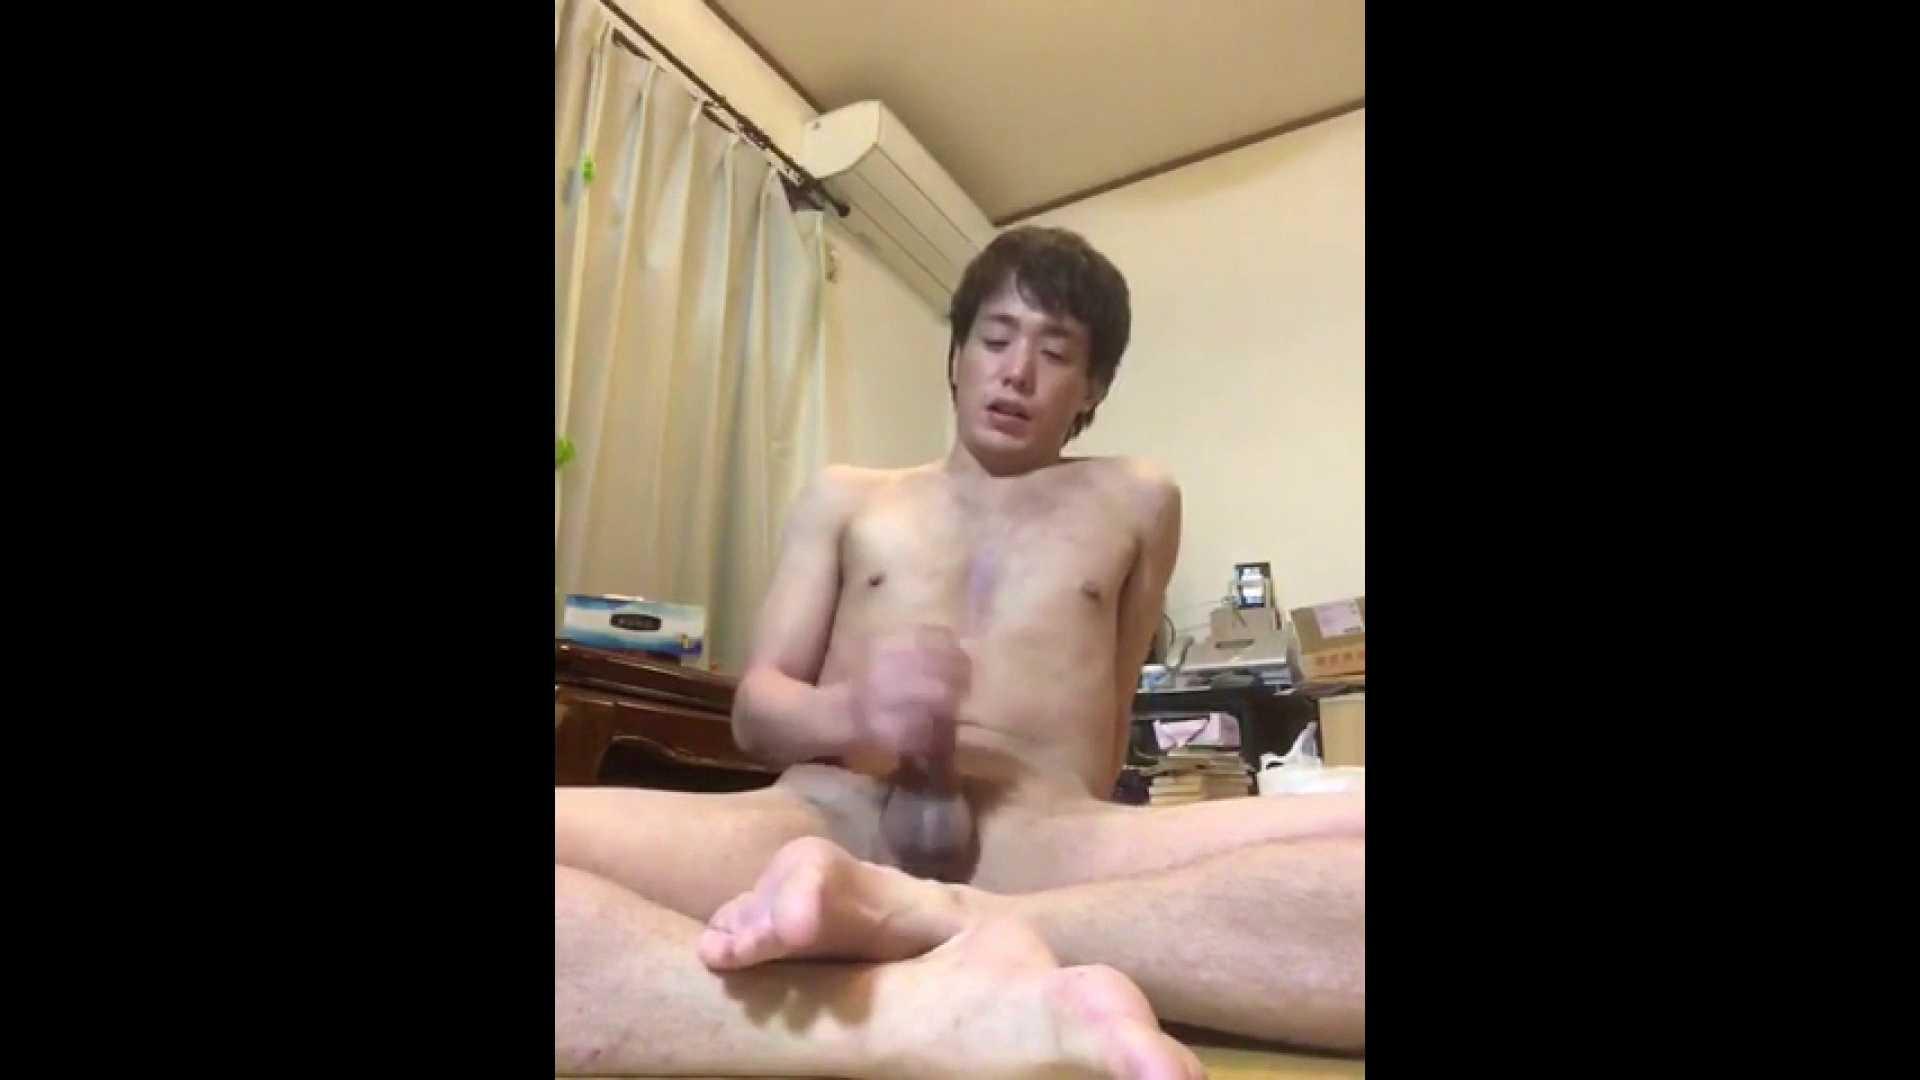 個人撮影 自慰の極意 Vol.30 お手で! ゲイ無料エロ画像 87pic 22